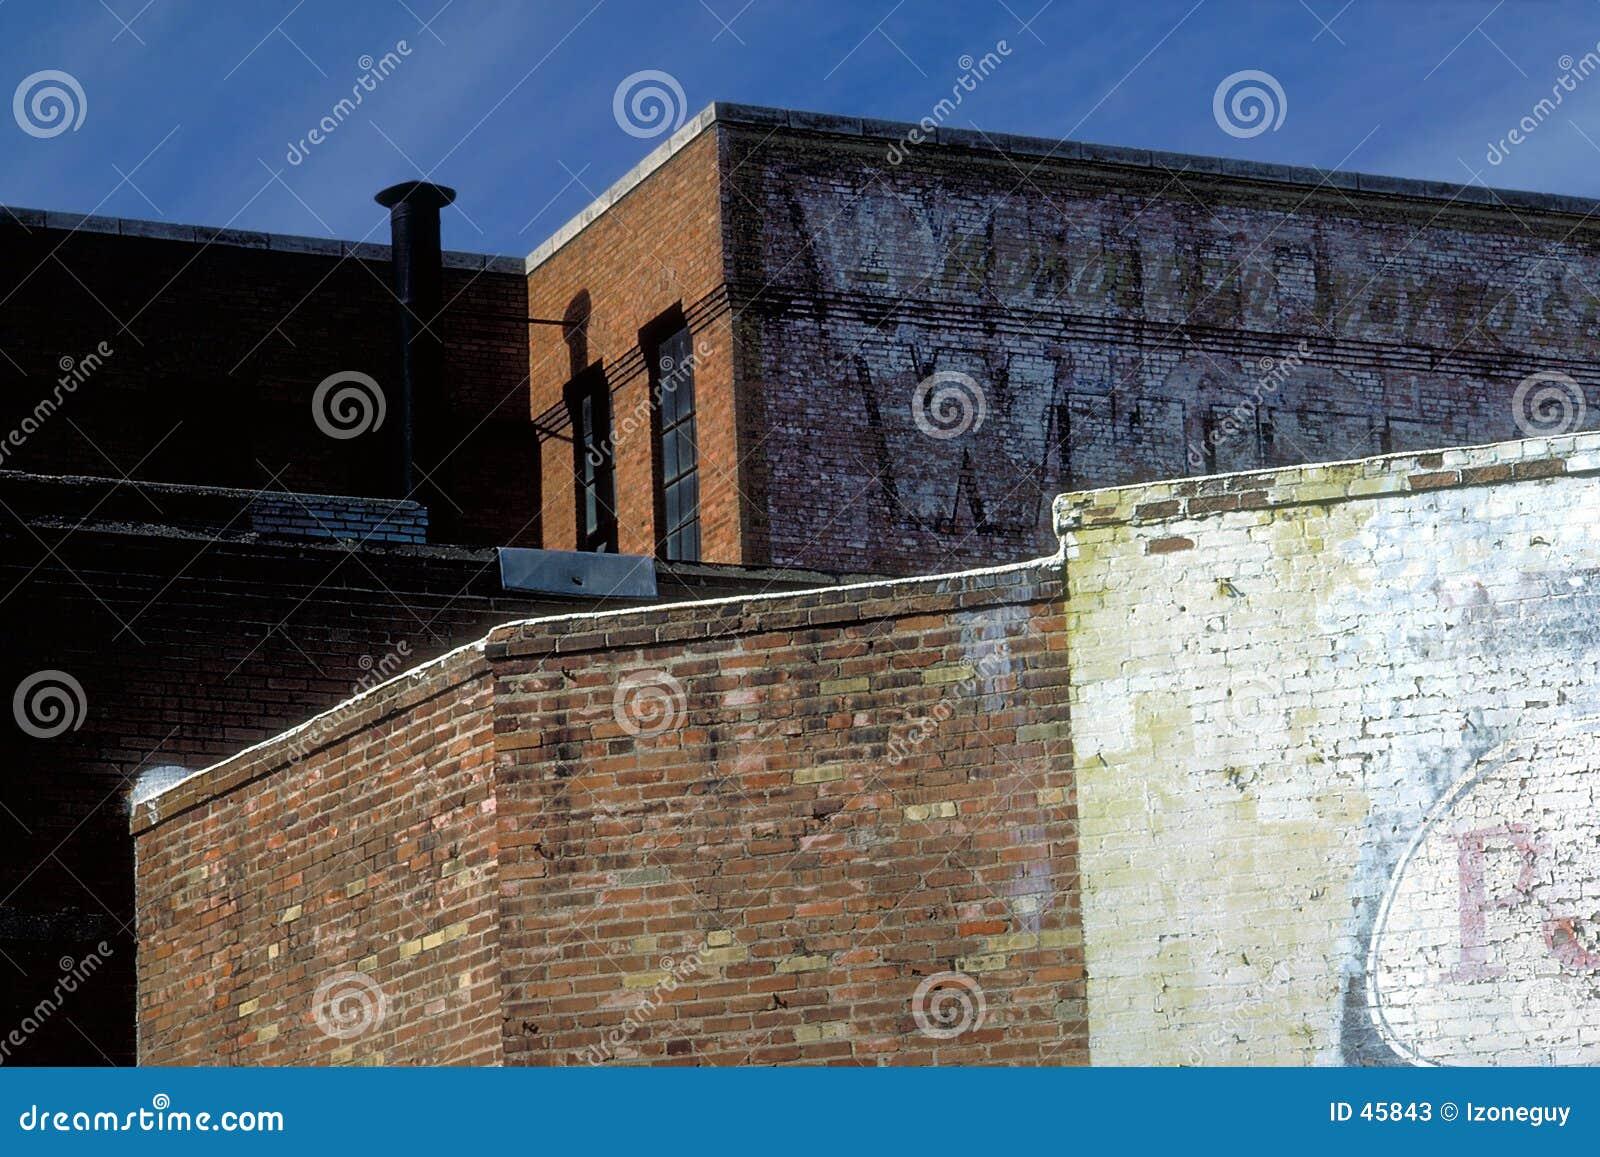 Kontrastierende Backsteinmauern